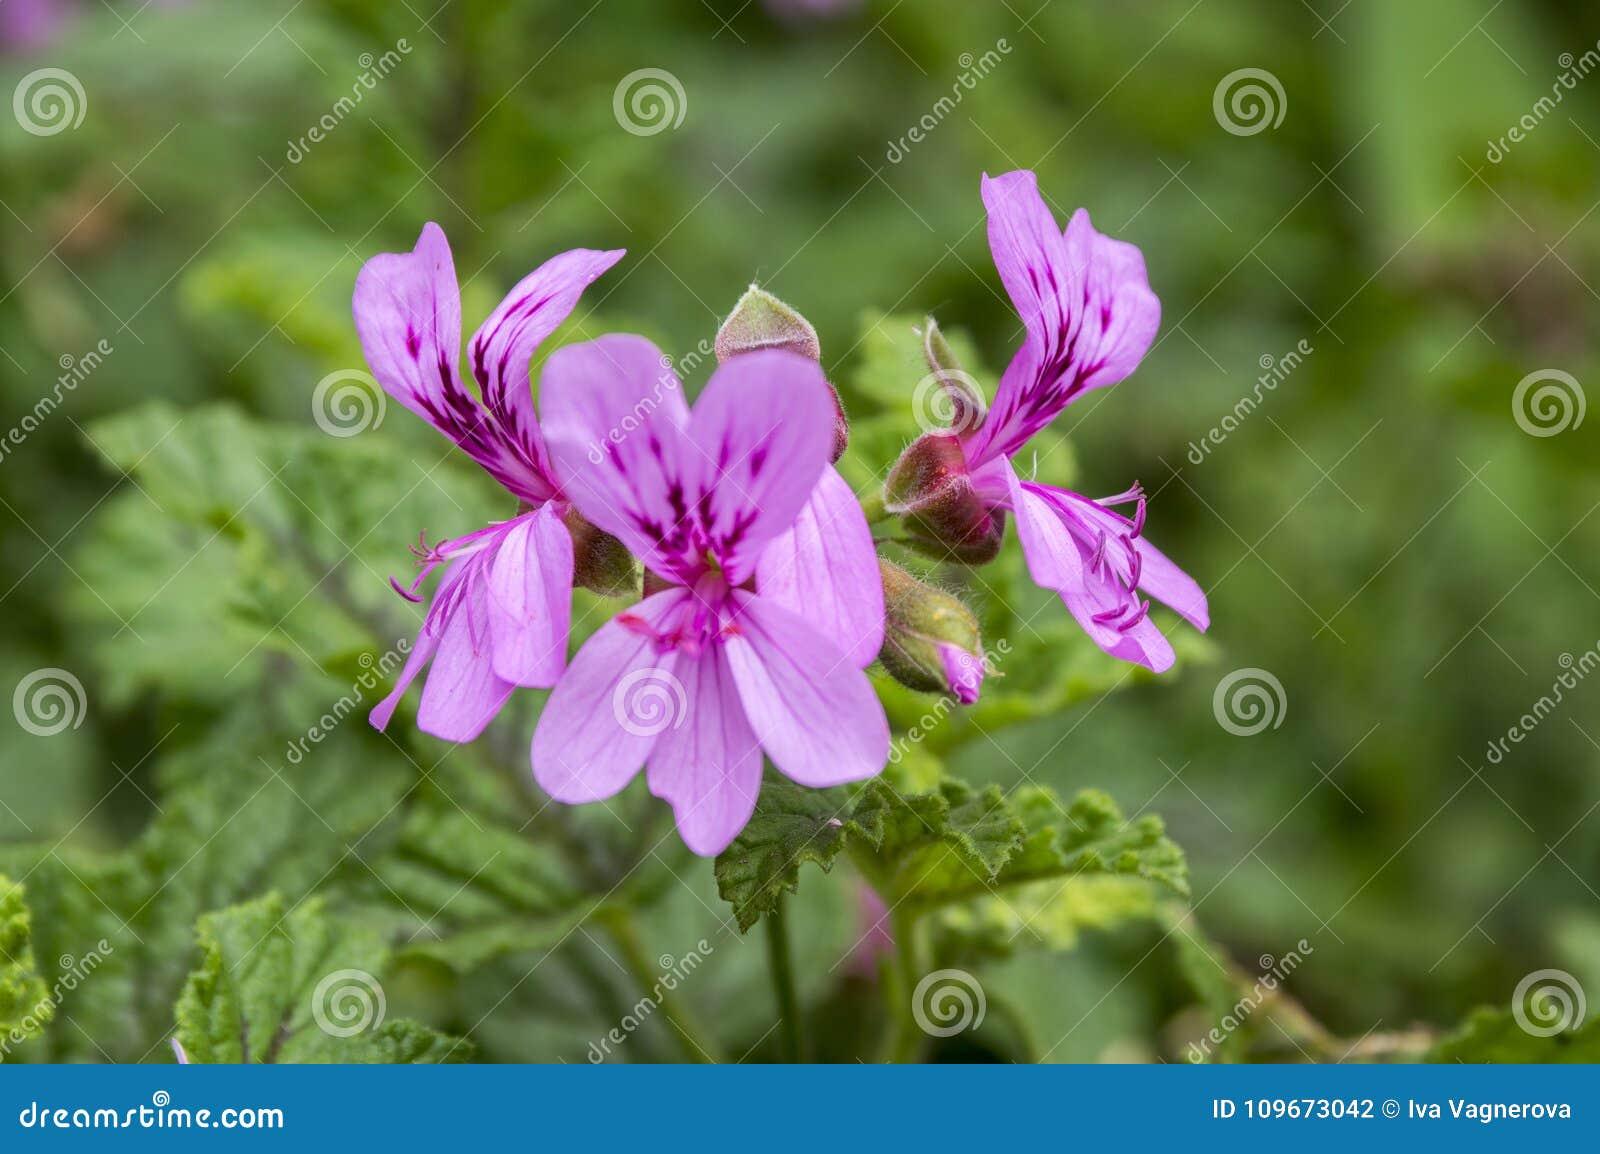 Pelargonium graveolens in bloom, ornamental flowers